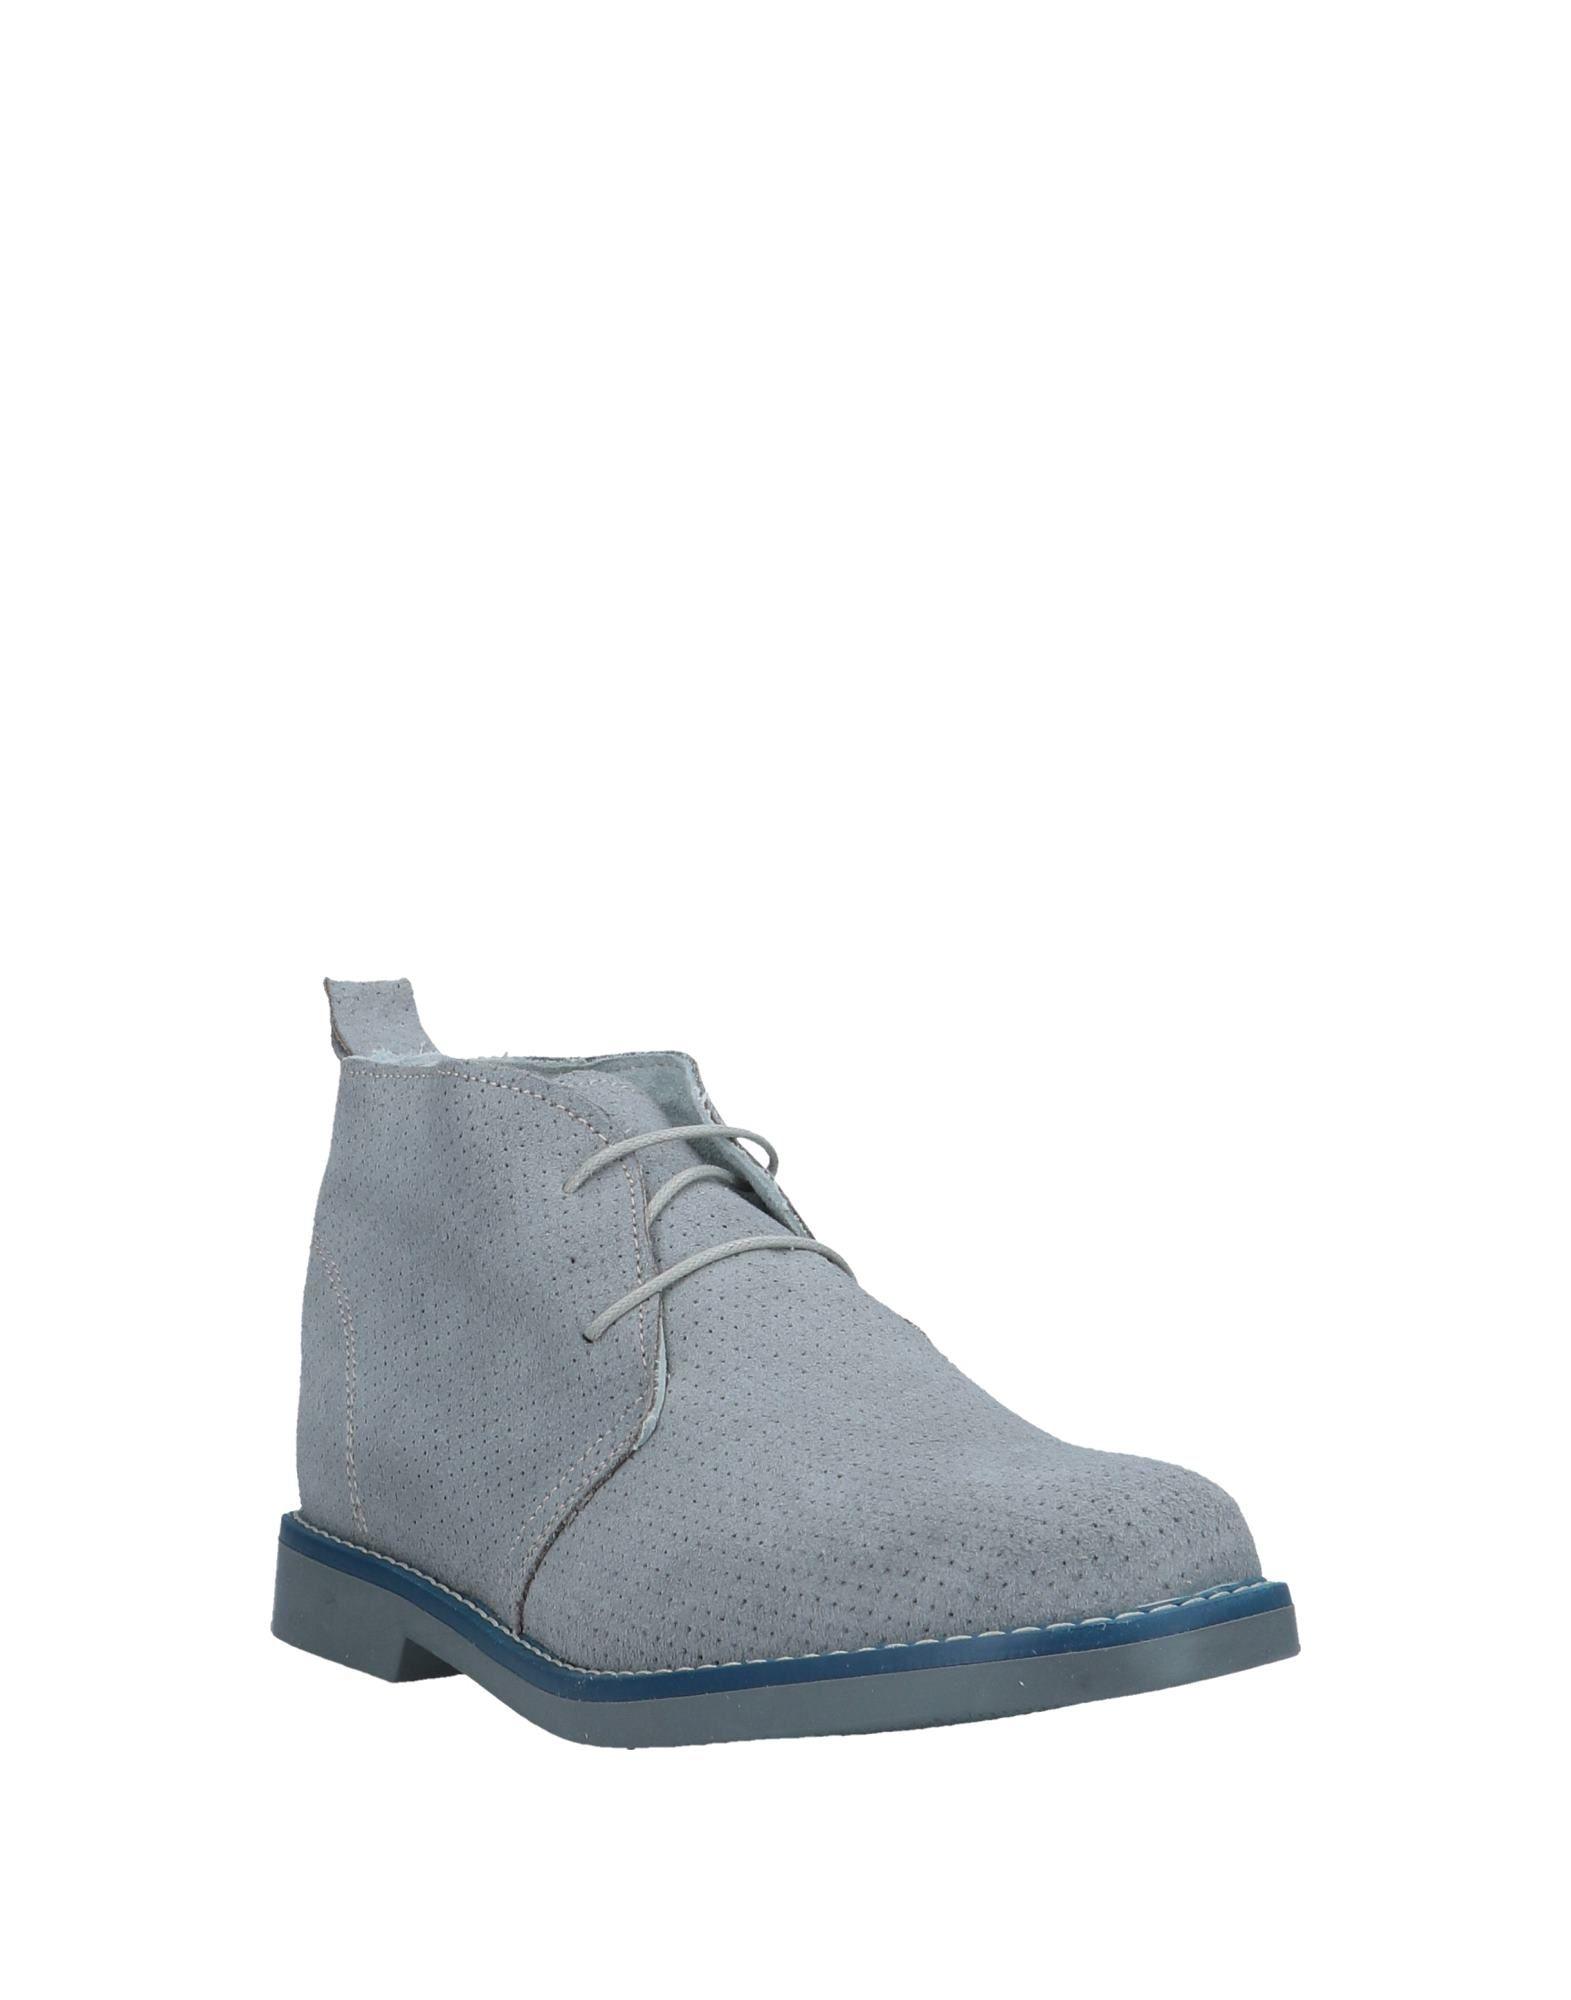 Tsd12 Stiefelette Herren  11567473DT Schuhe Gute Qualität beliebte Schuhe 11567473DT 0ec7a8